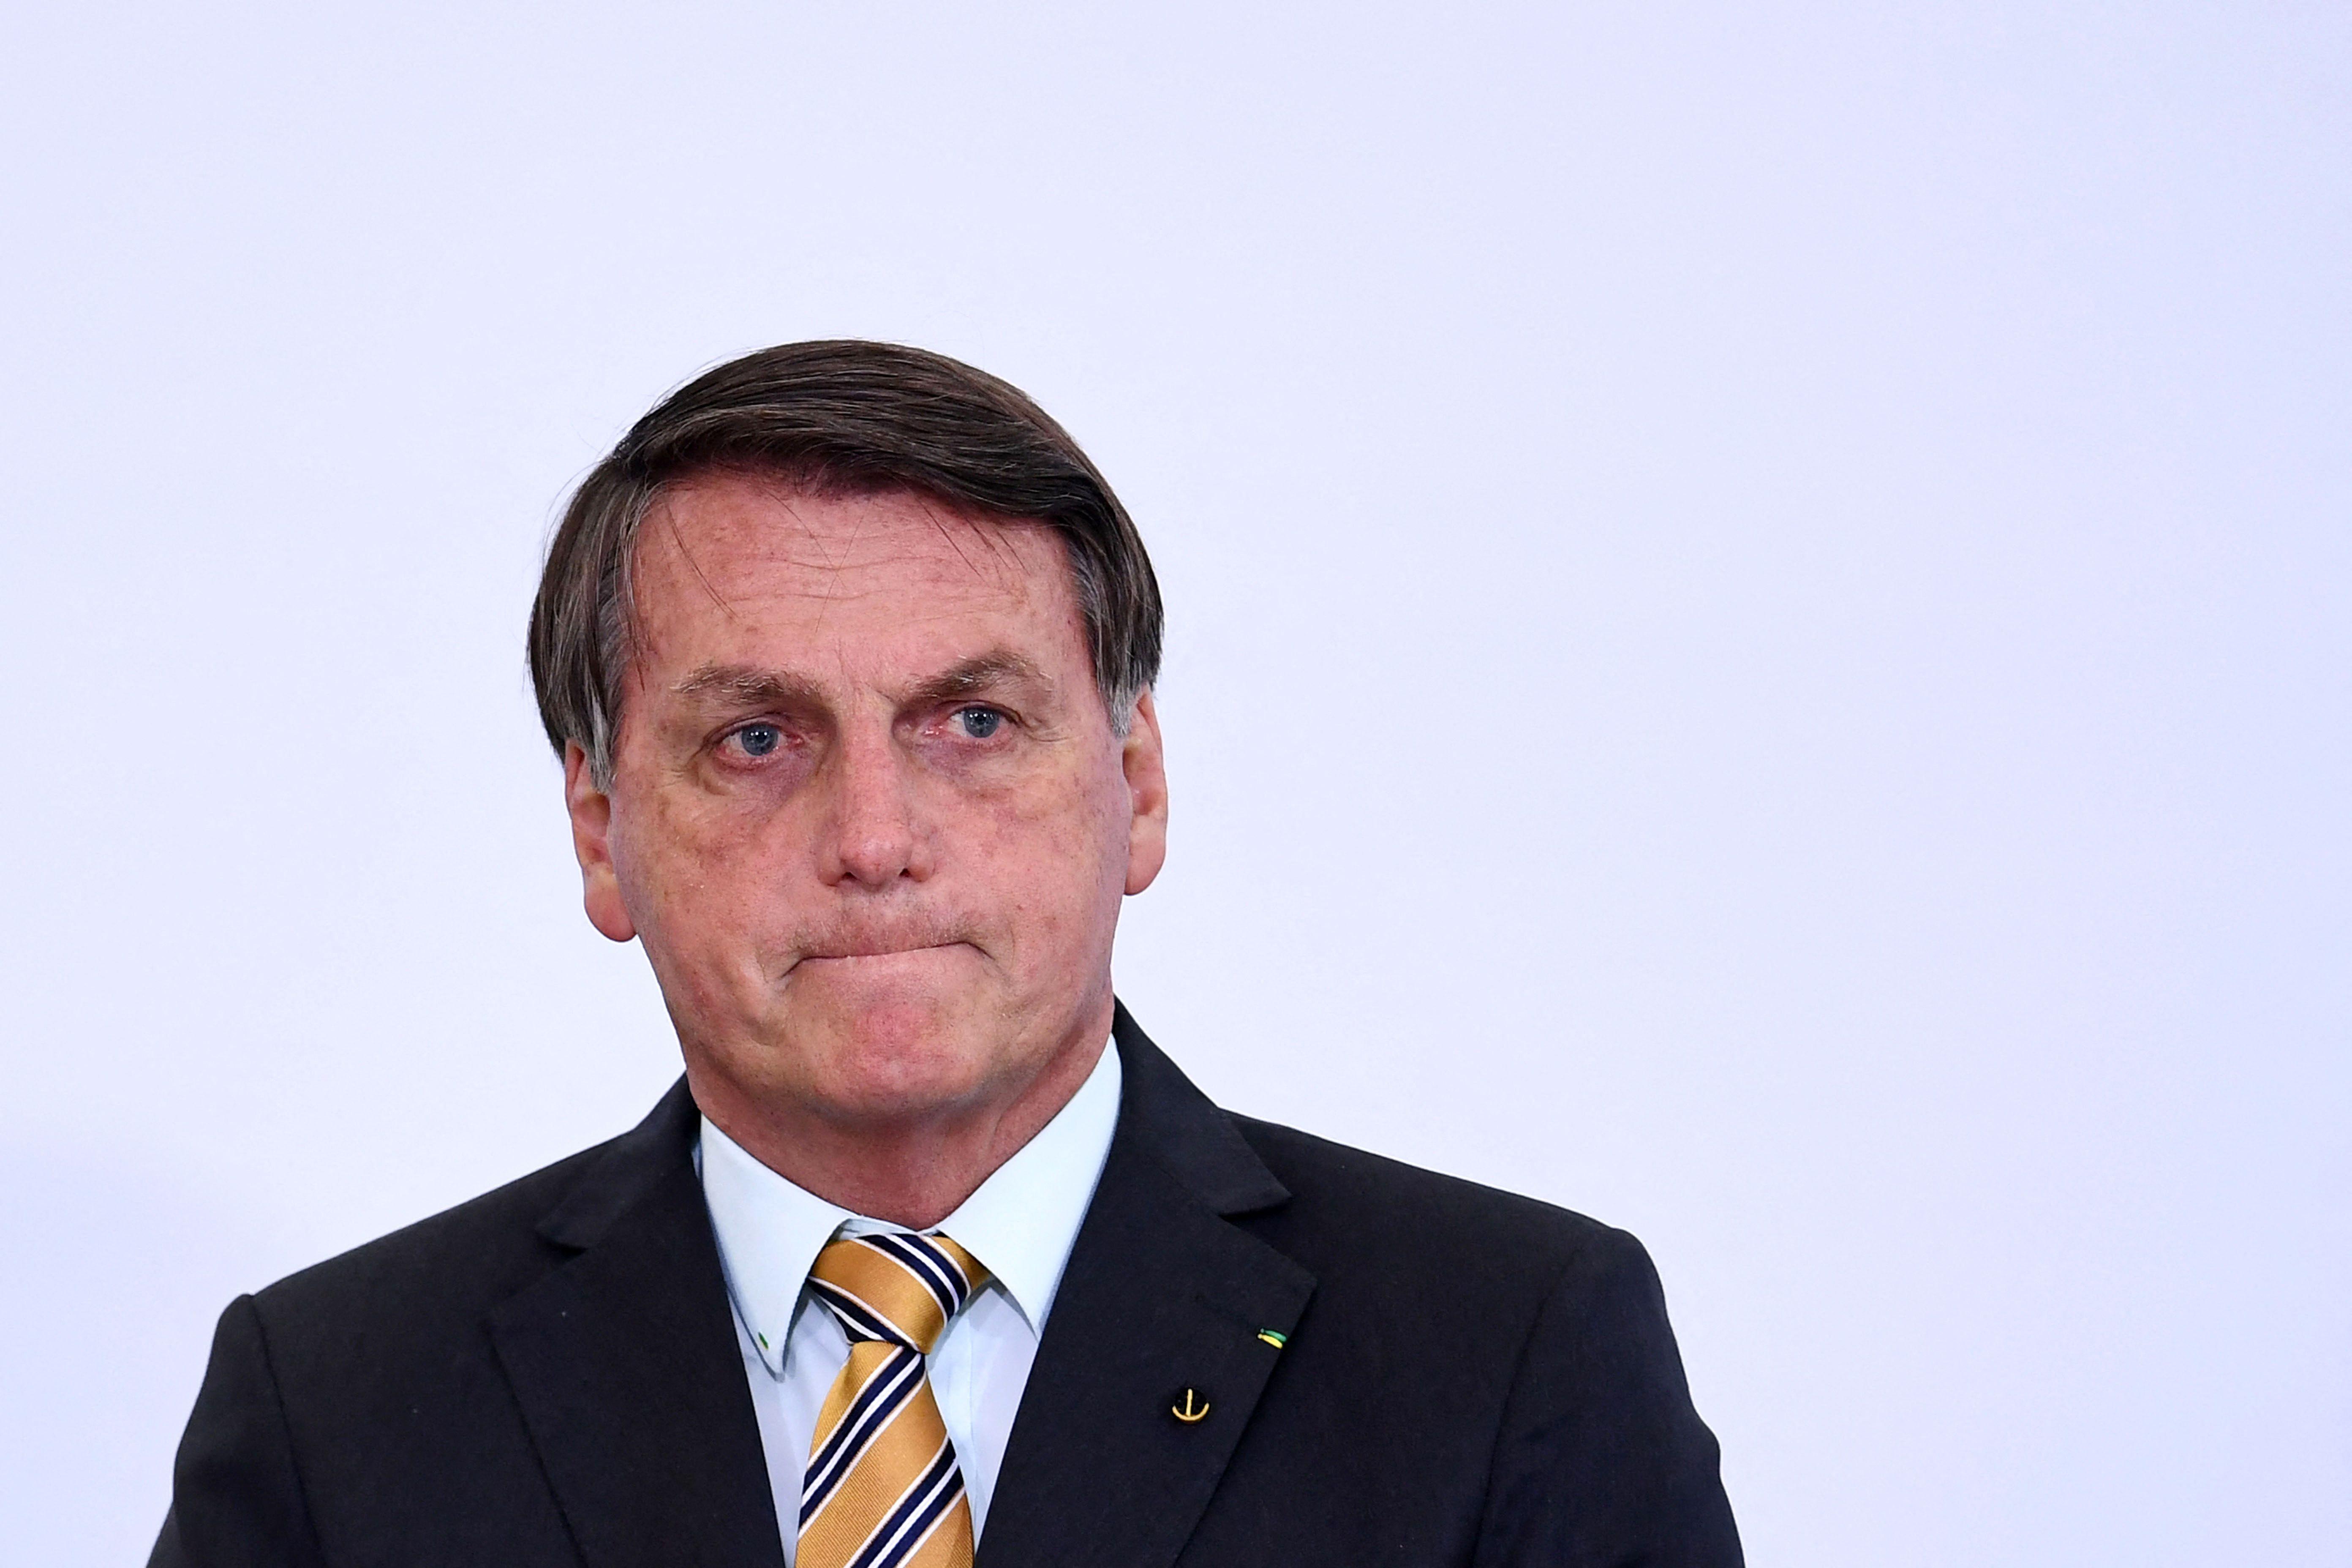 Le président Jair Bolsonaro est visé par une enquête concernant une éventuelle omission de dénonciation...